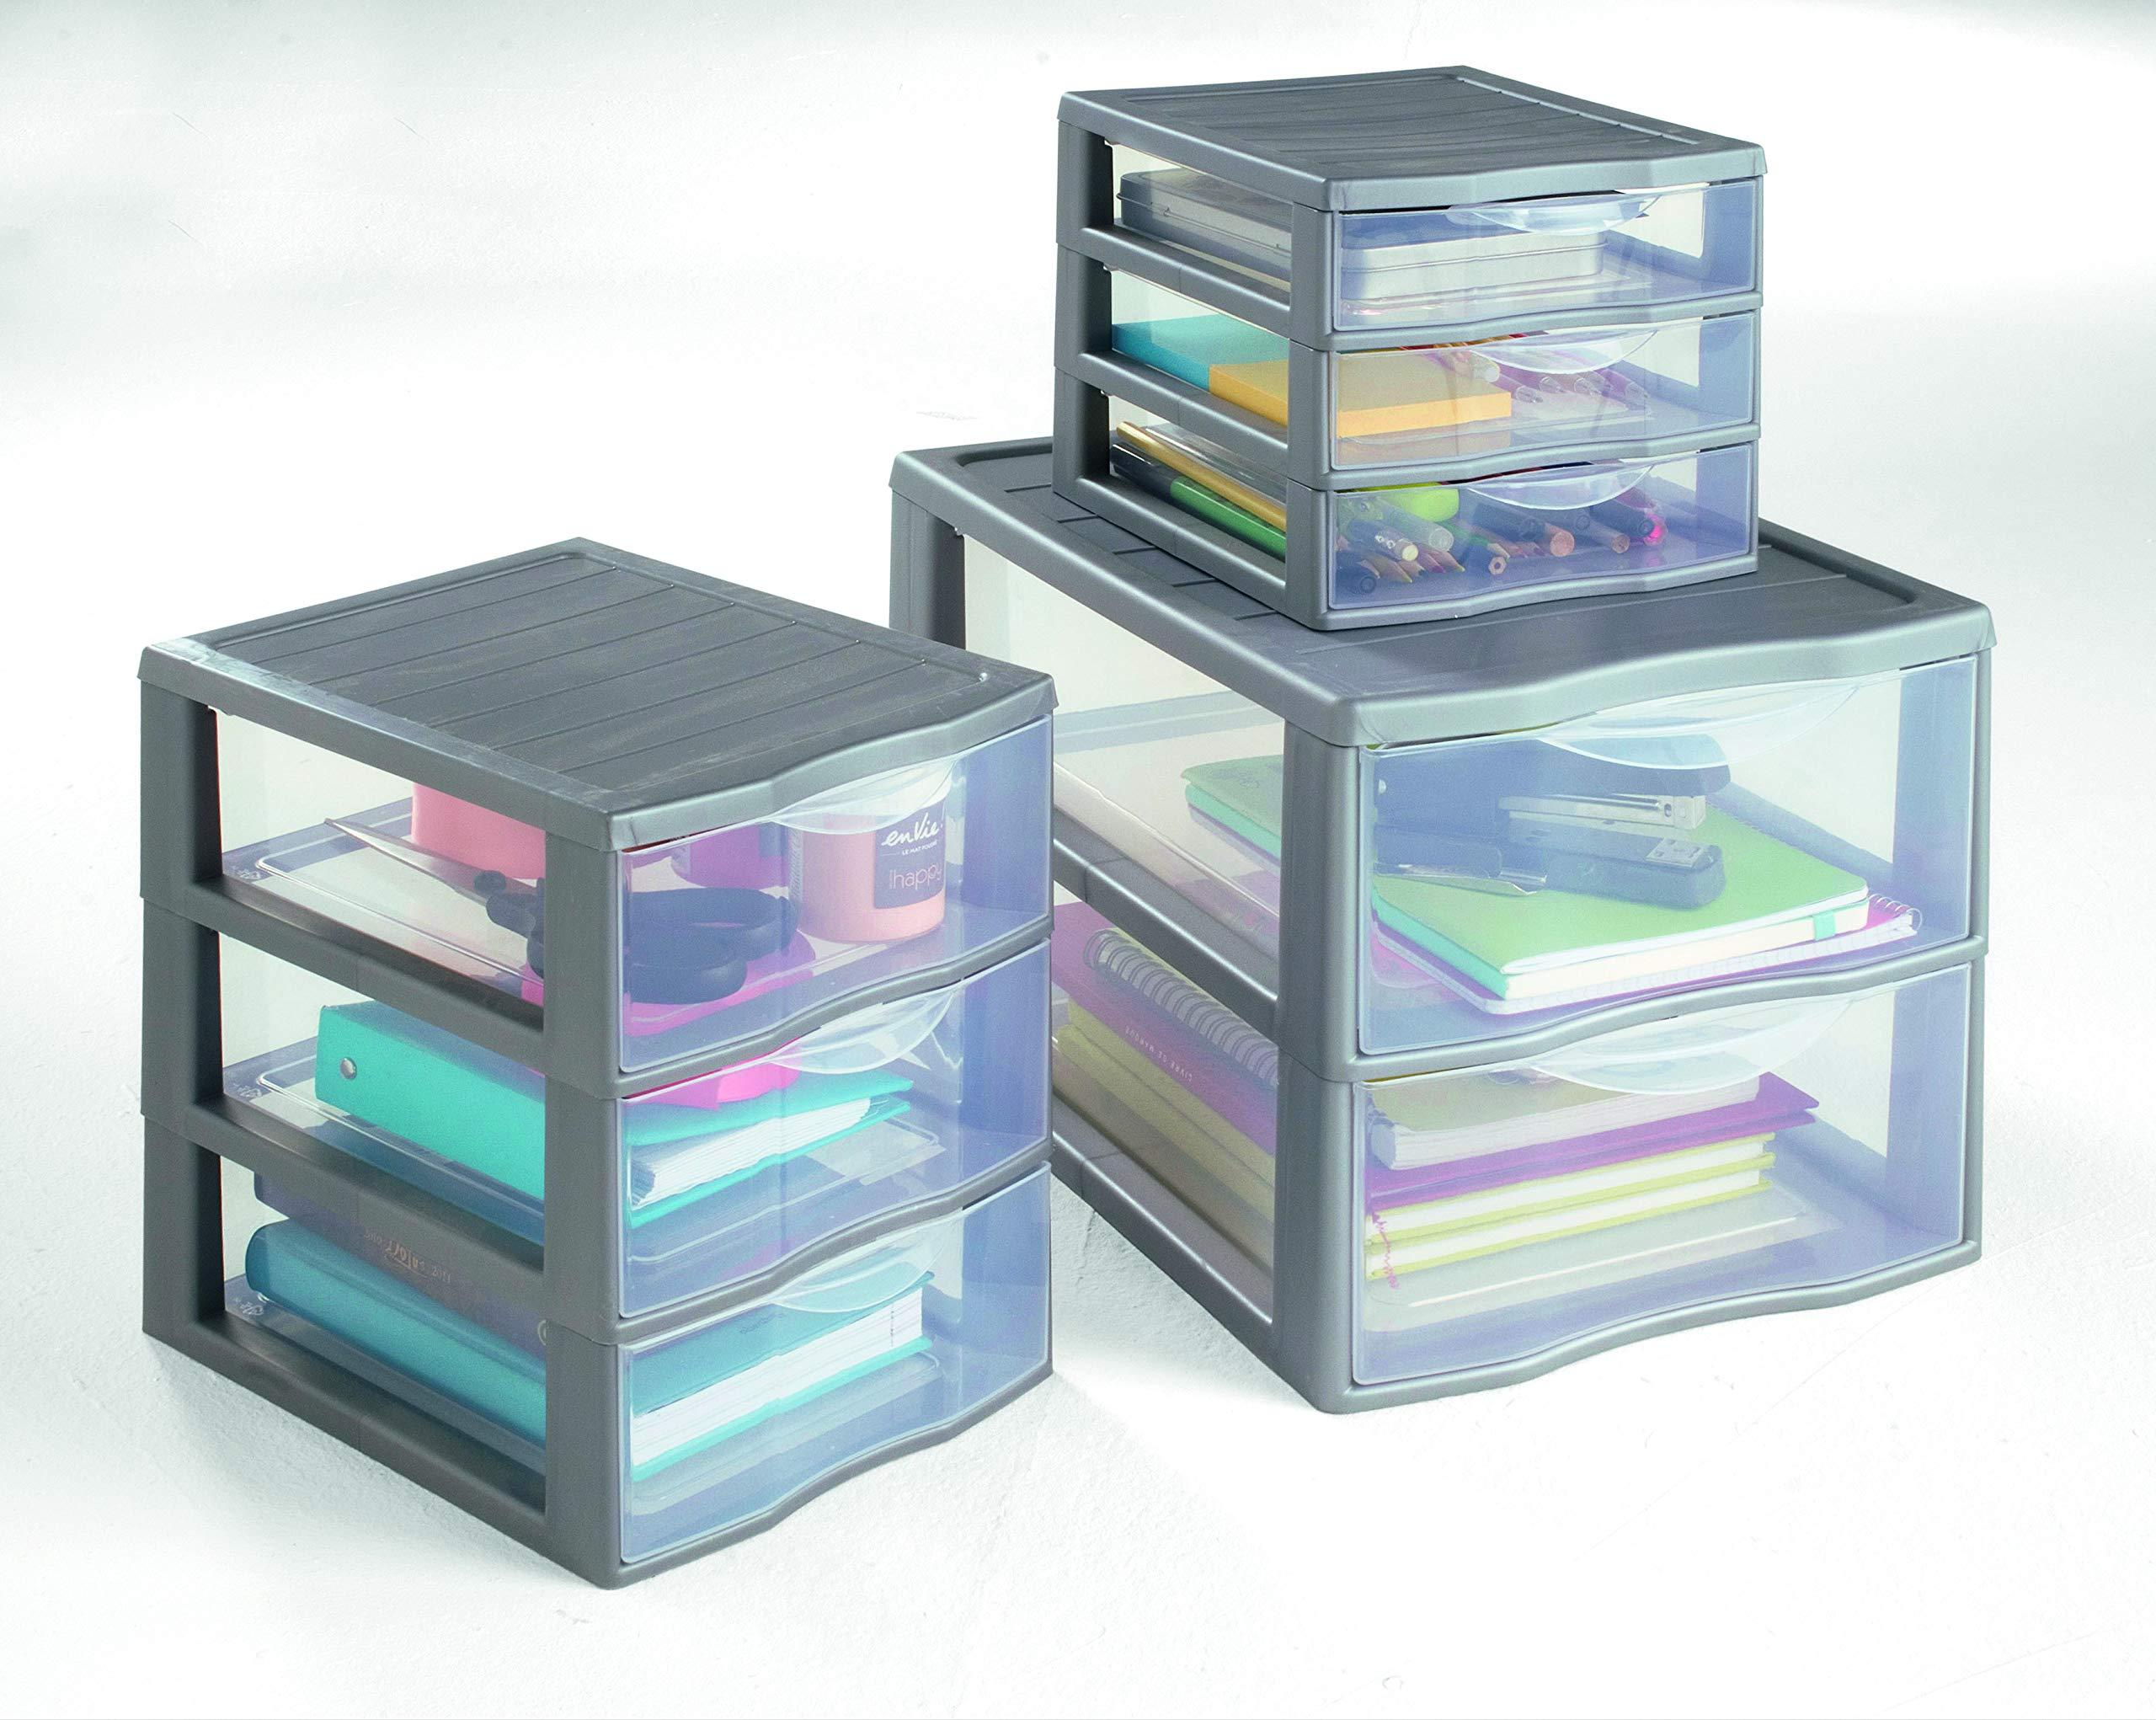 Sundis ORGAMIX A4 MM 3 tiroirs Noir Ordenación con 3 Cajón es, Transparente/Negro, 36.5x26x25.5 cm: Amazon.es: Hogar